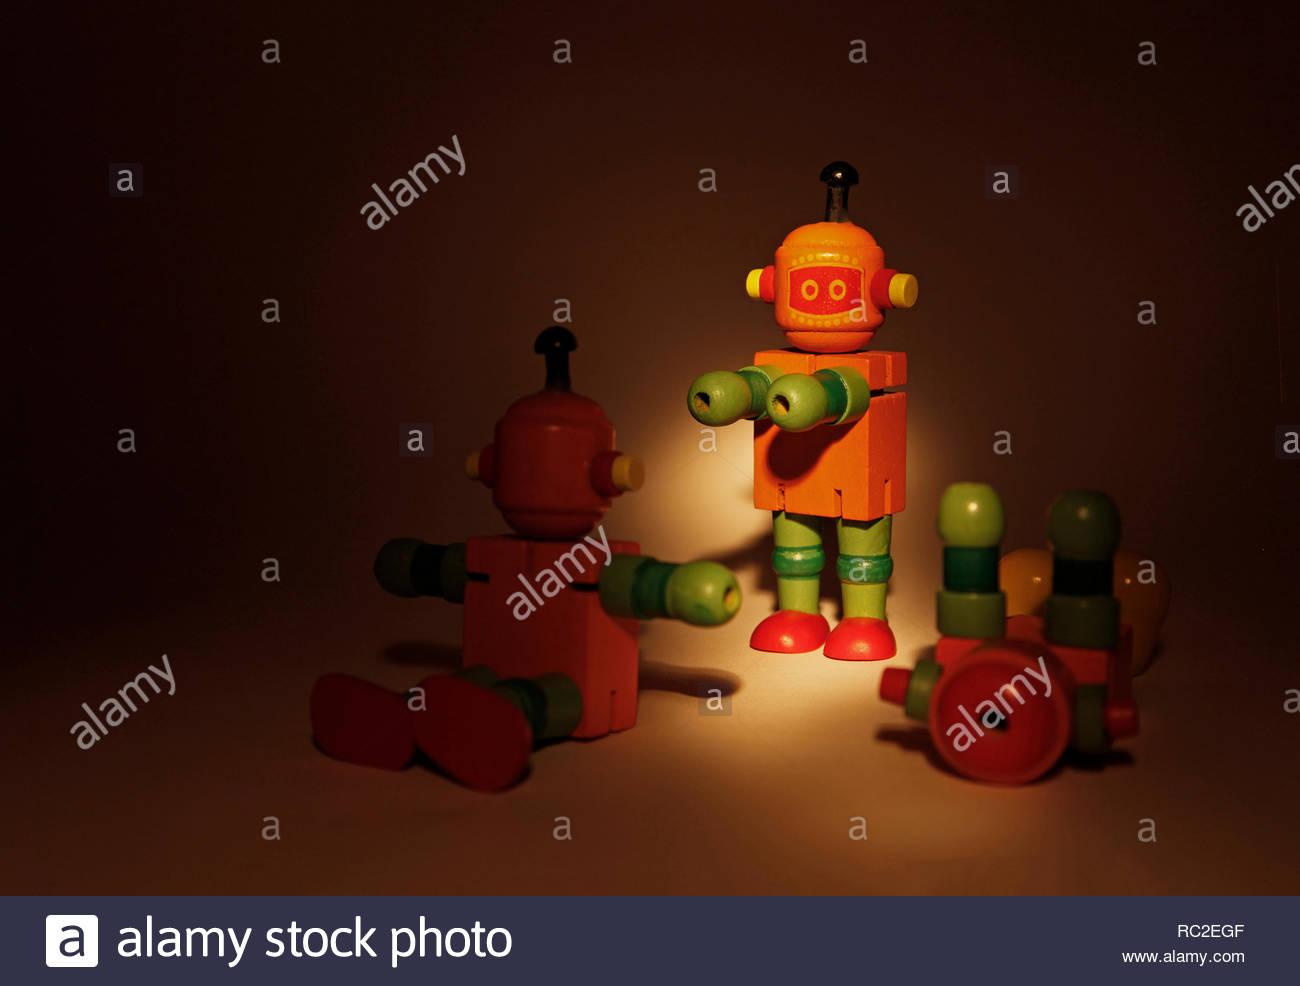 Studio Szene, mit Noten von Aggression/Gewalt/Konfrontation mit 3 Spielzeug Holz- Roboter im Rampenlicht. Kopieren Raum mit dunklen Hintergrund. Stockbild